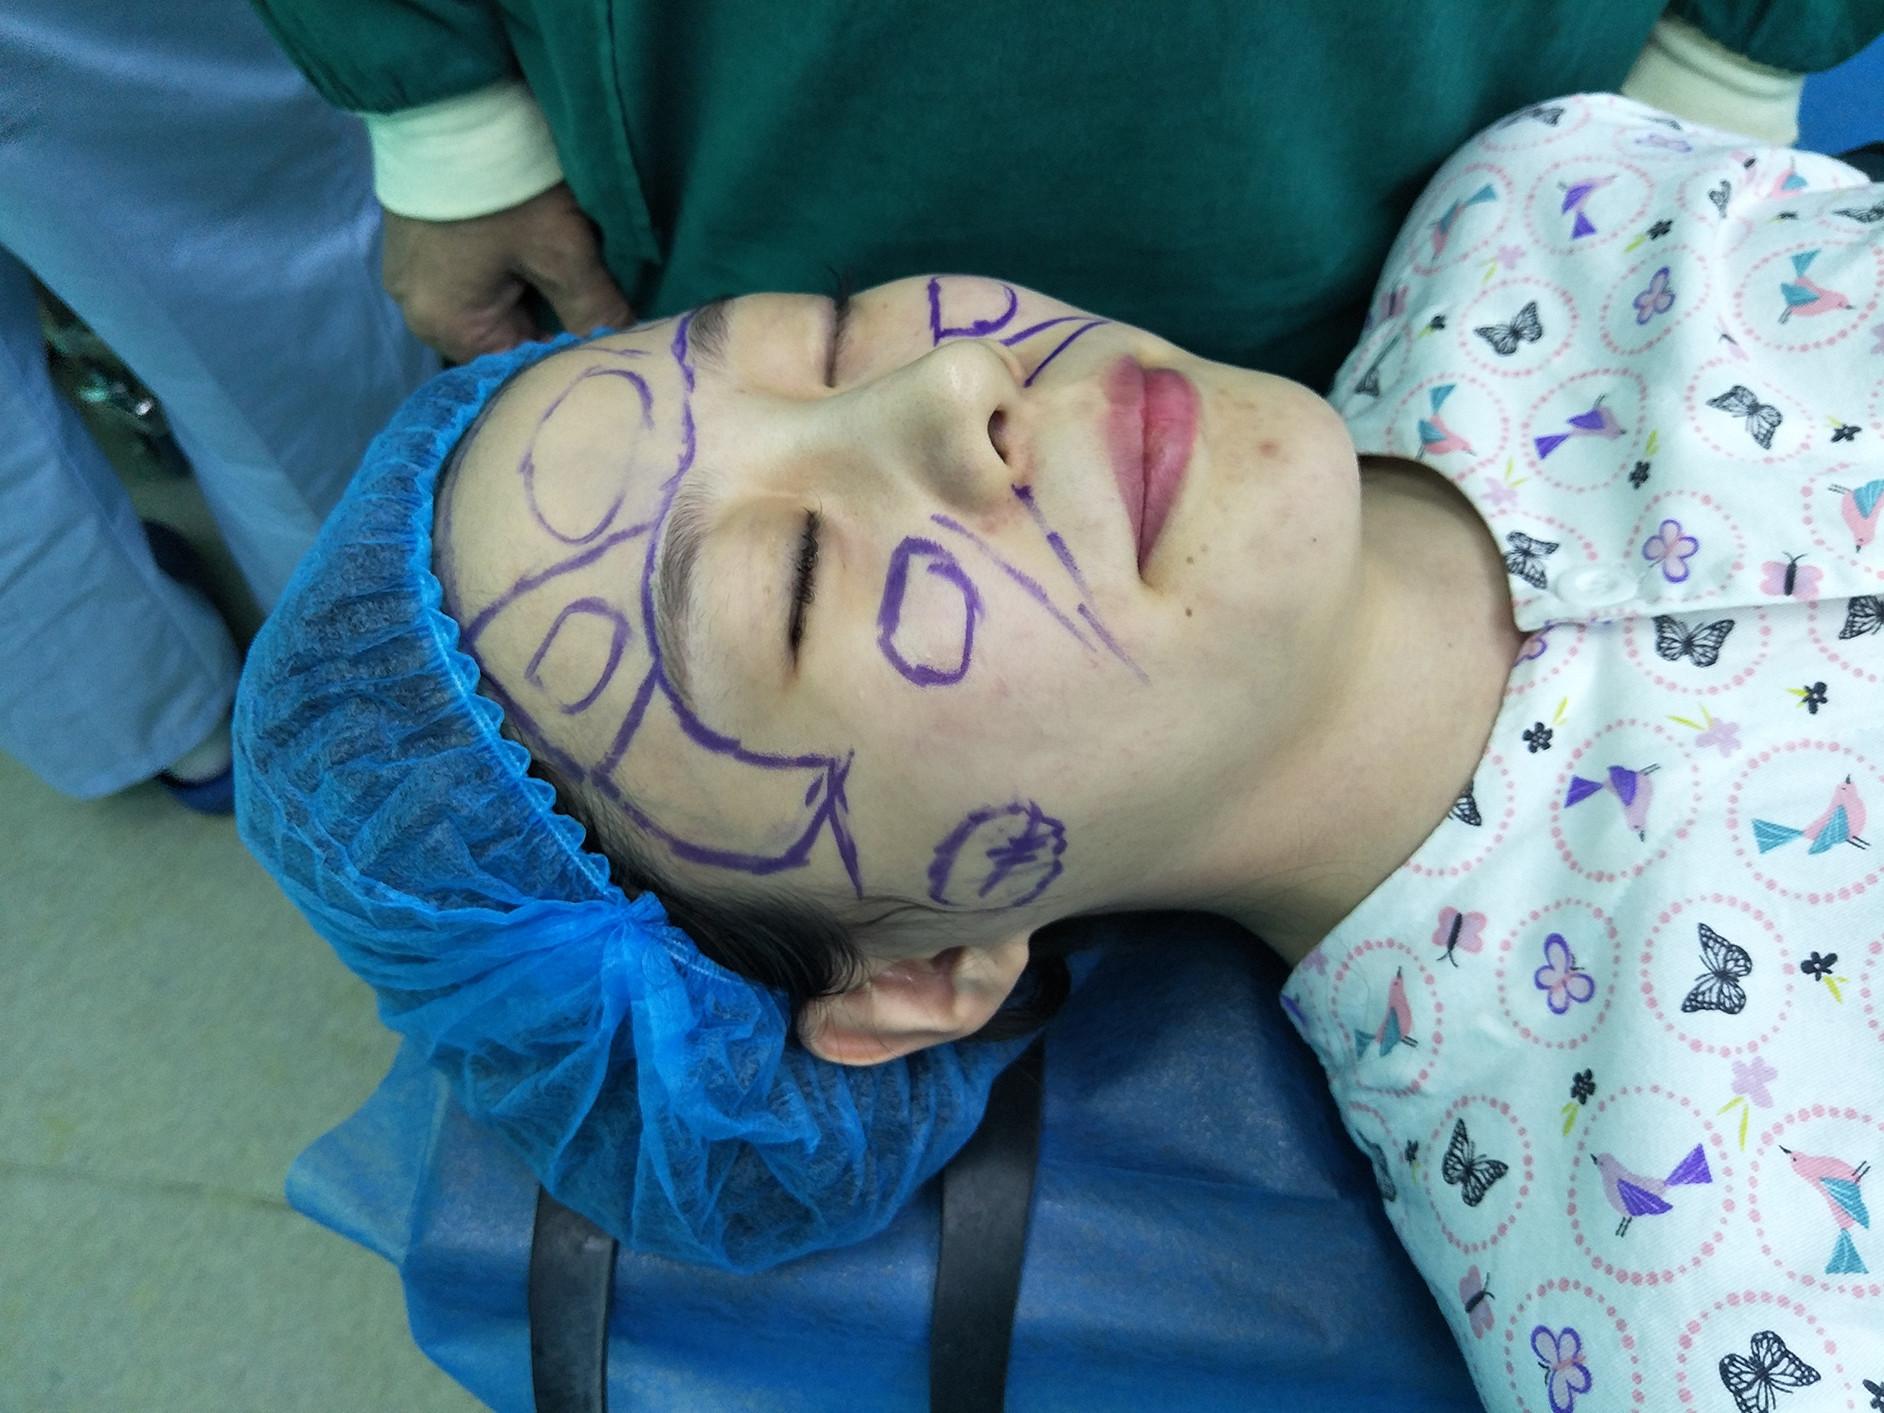 全脸脂肪填充手术过程,打造童颜减龄的效果!-大创胎盘素美白乳液